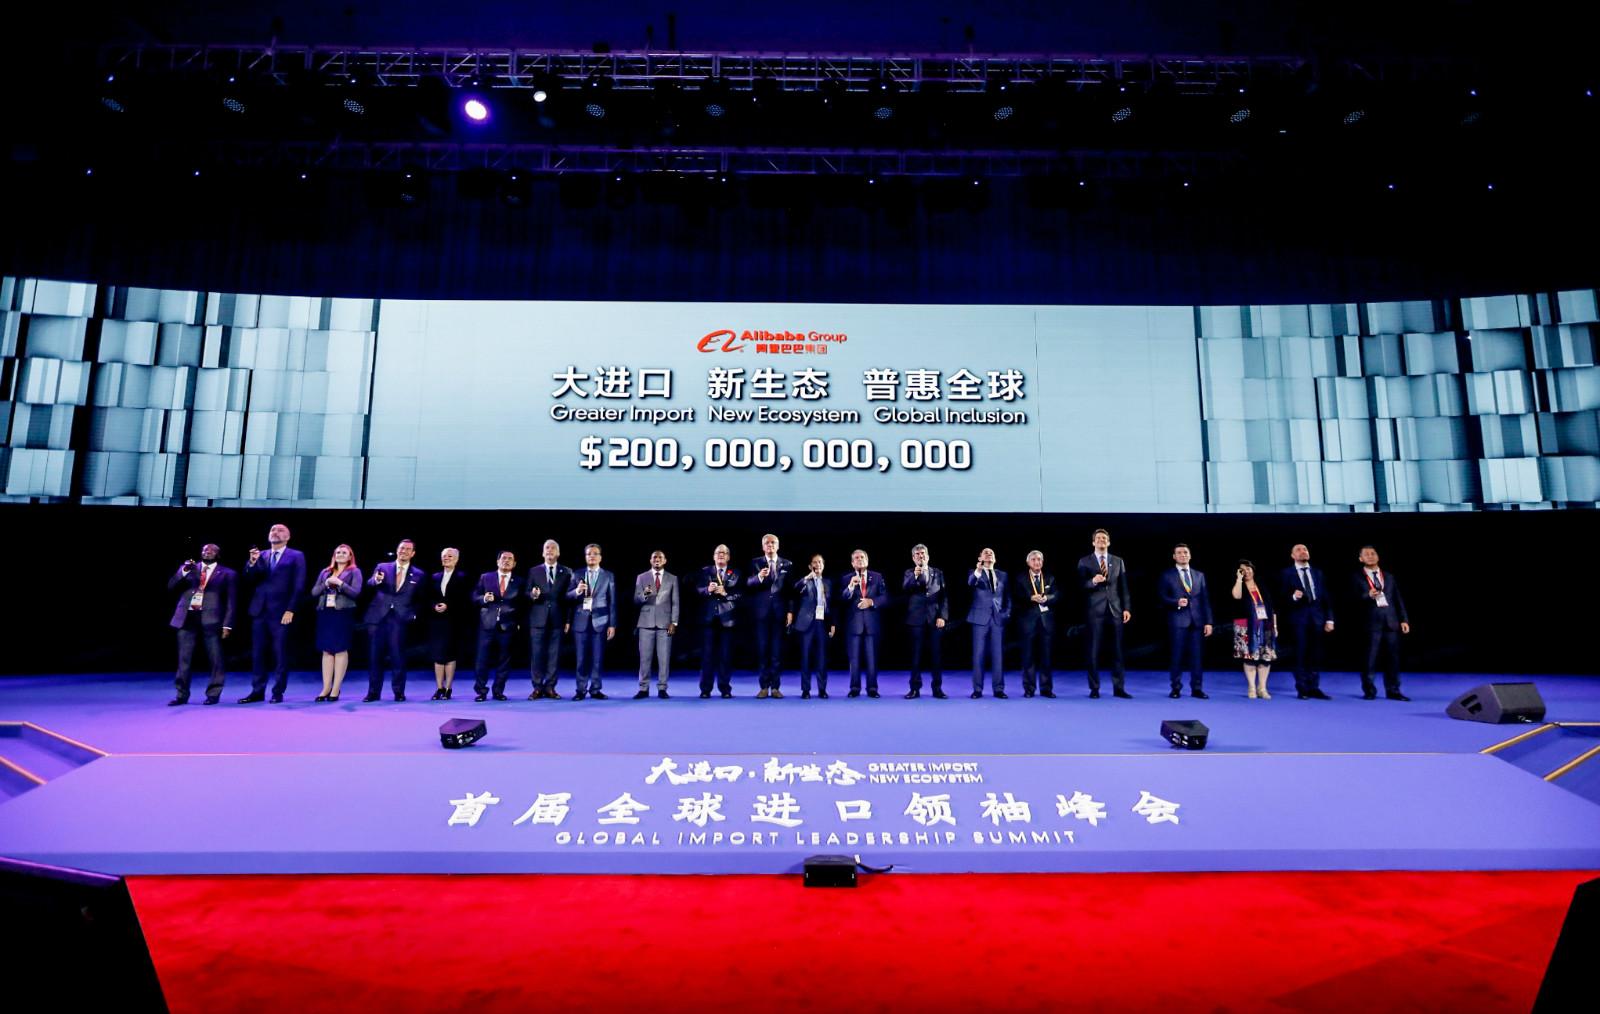 图说:阿里巴巴宣布未来五年实现全球2000亿美金的进口额_meitu_1